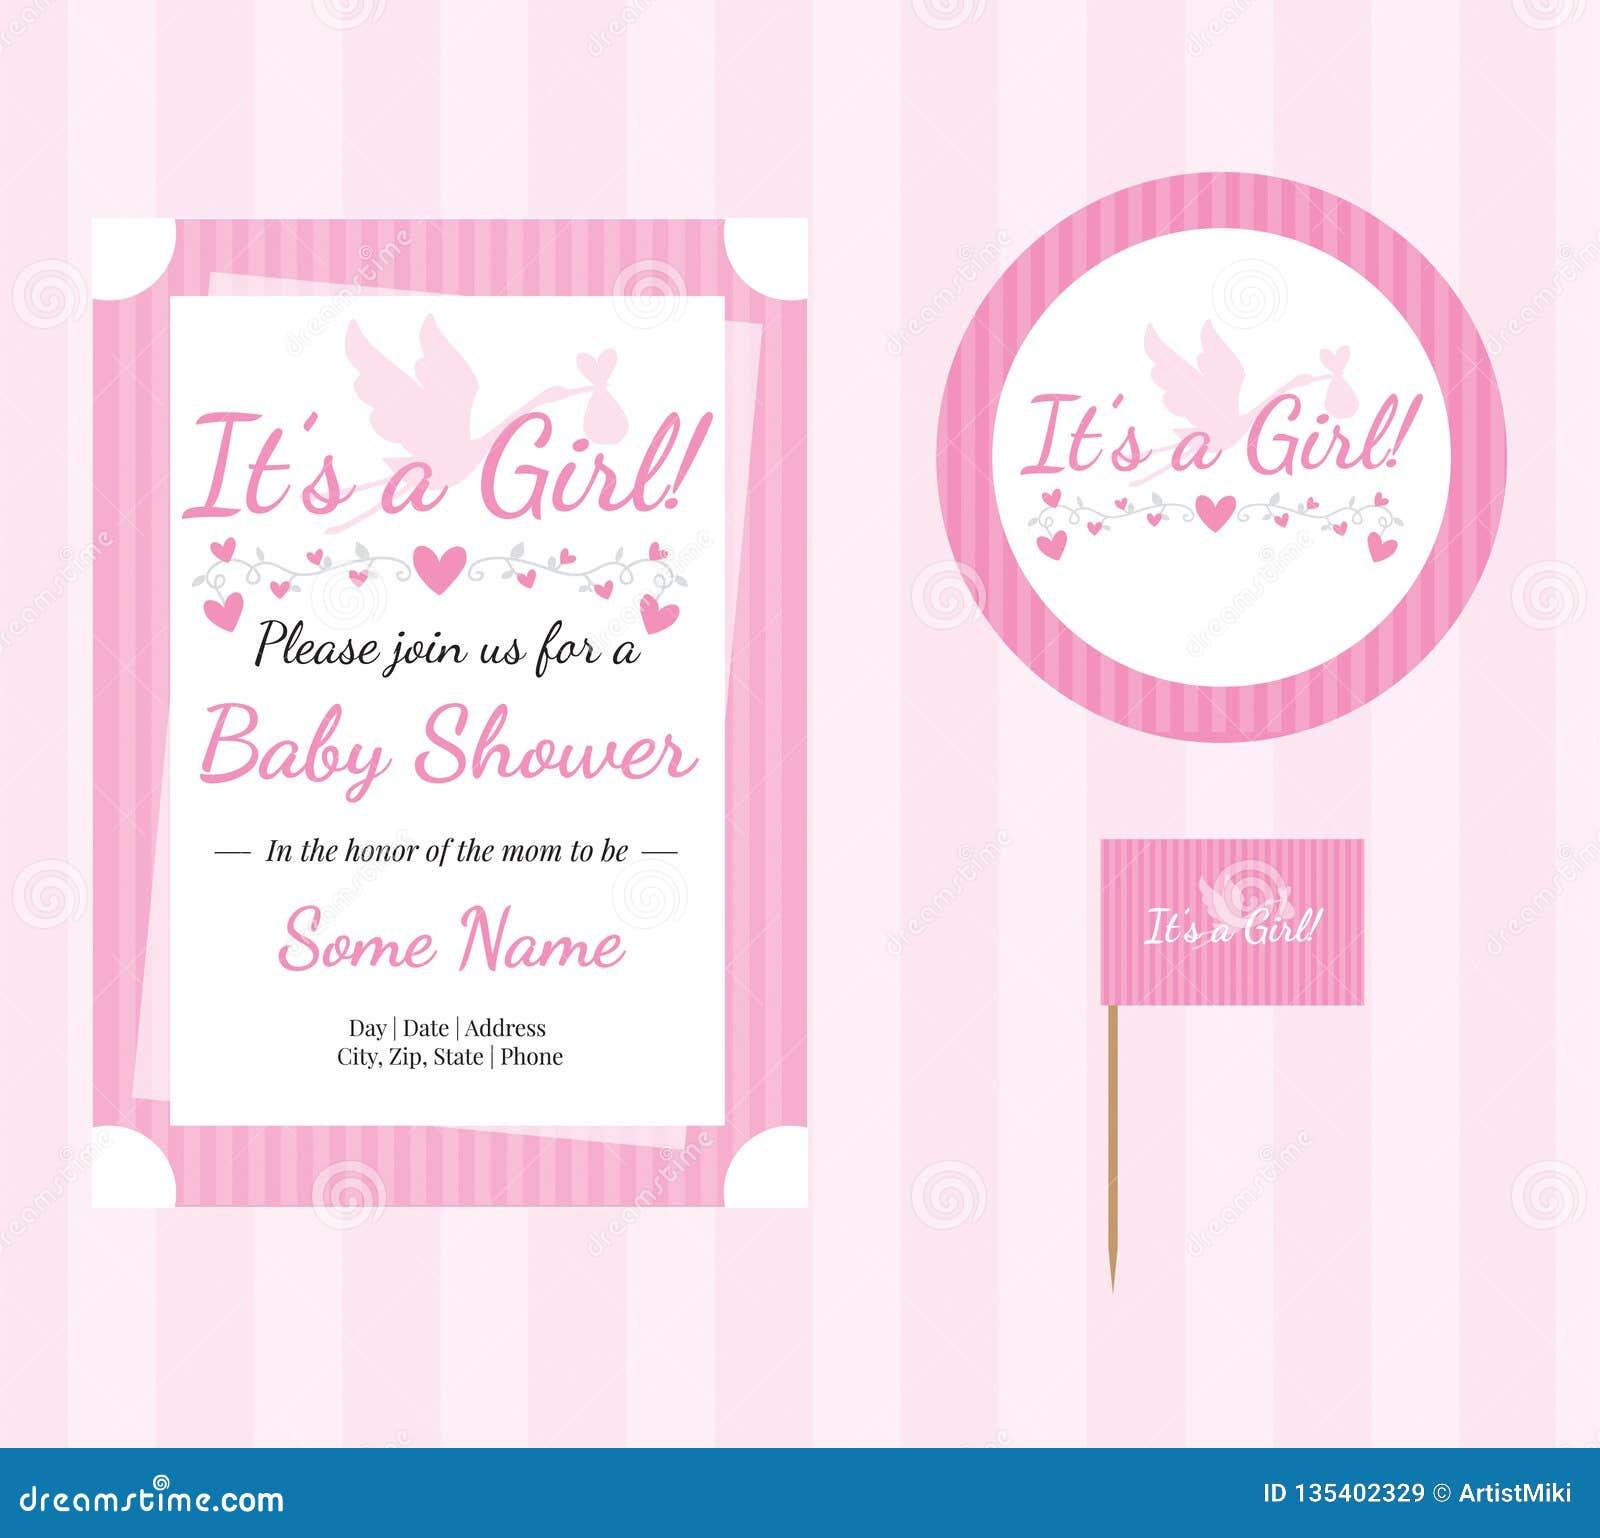 婴儿送礼会,女婴,编辑可能的邀请模板